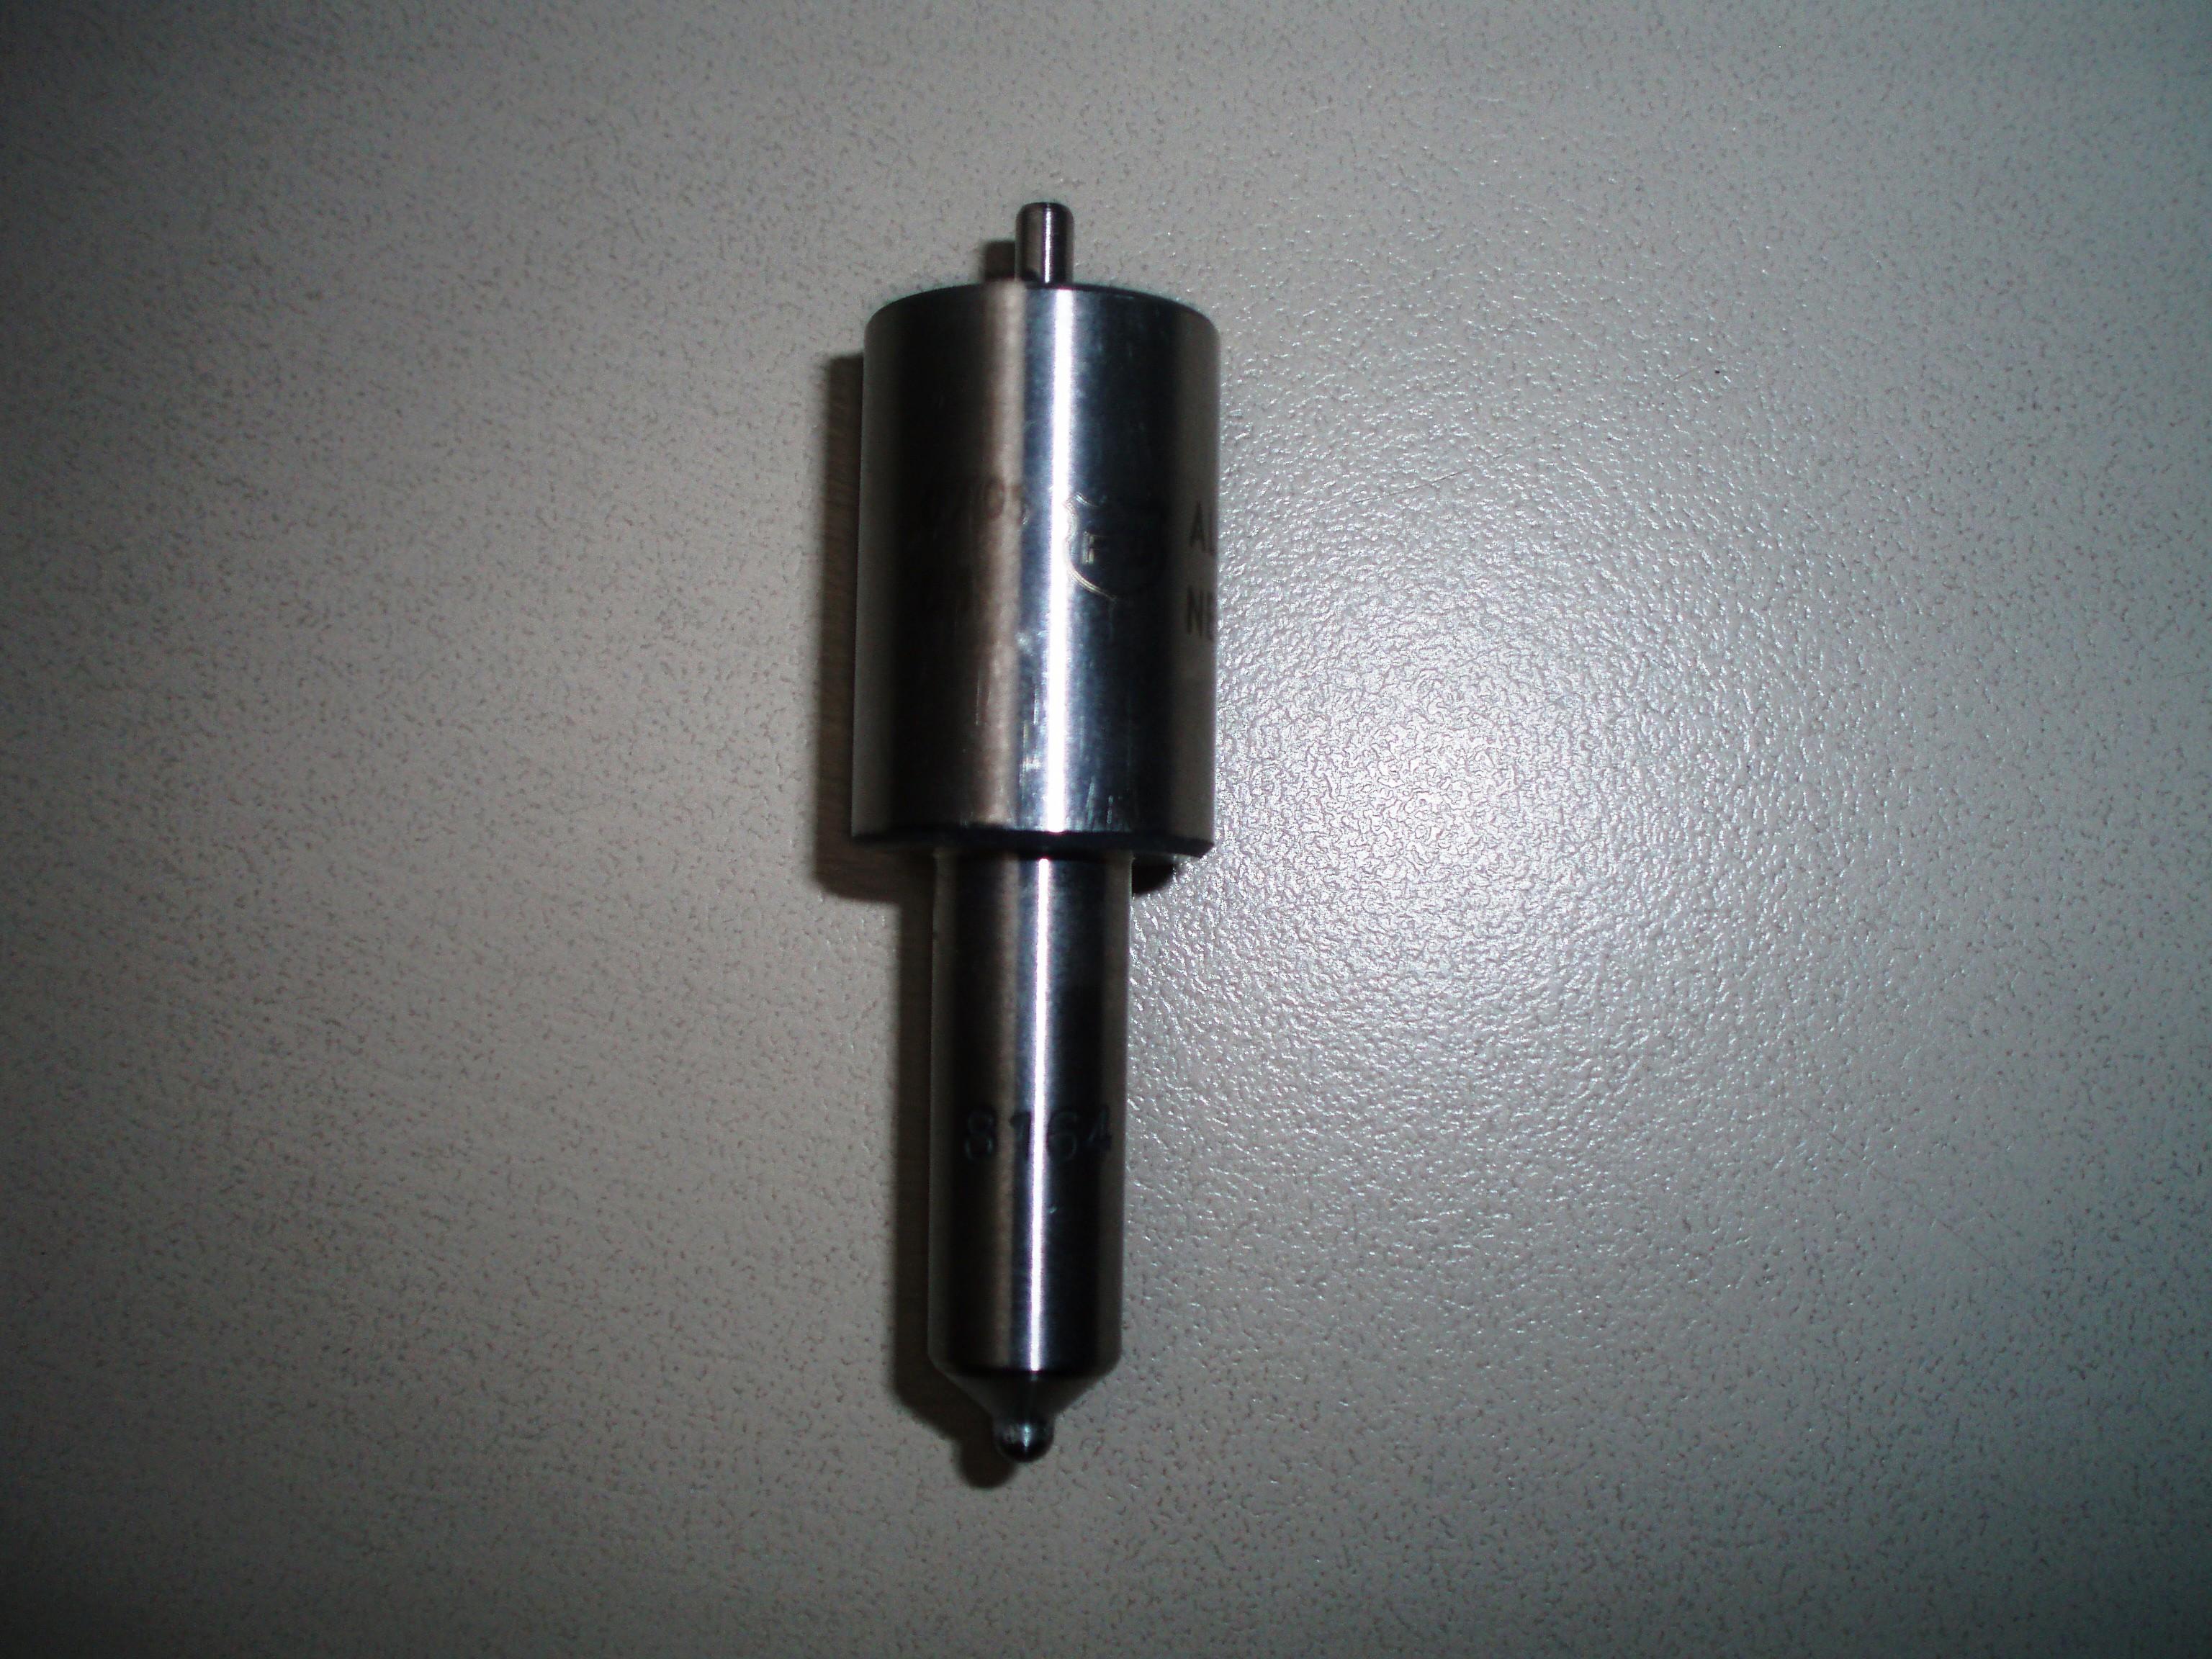 Nez Injecteur (Version EPA) 9LD625-2 9LD626-2 11LD625-3 11LD626-3 LOMBARDINI 6531.426 - SDLLA160S30102 - ED0065314260-S